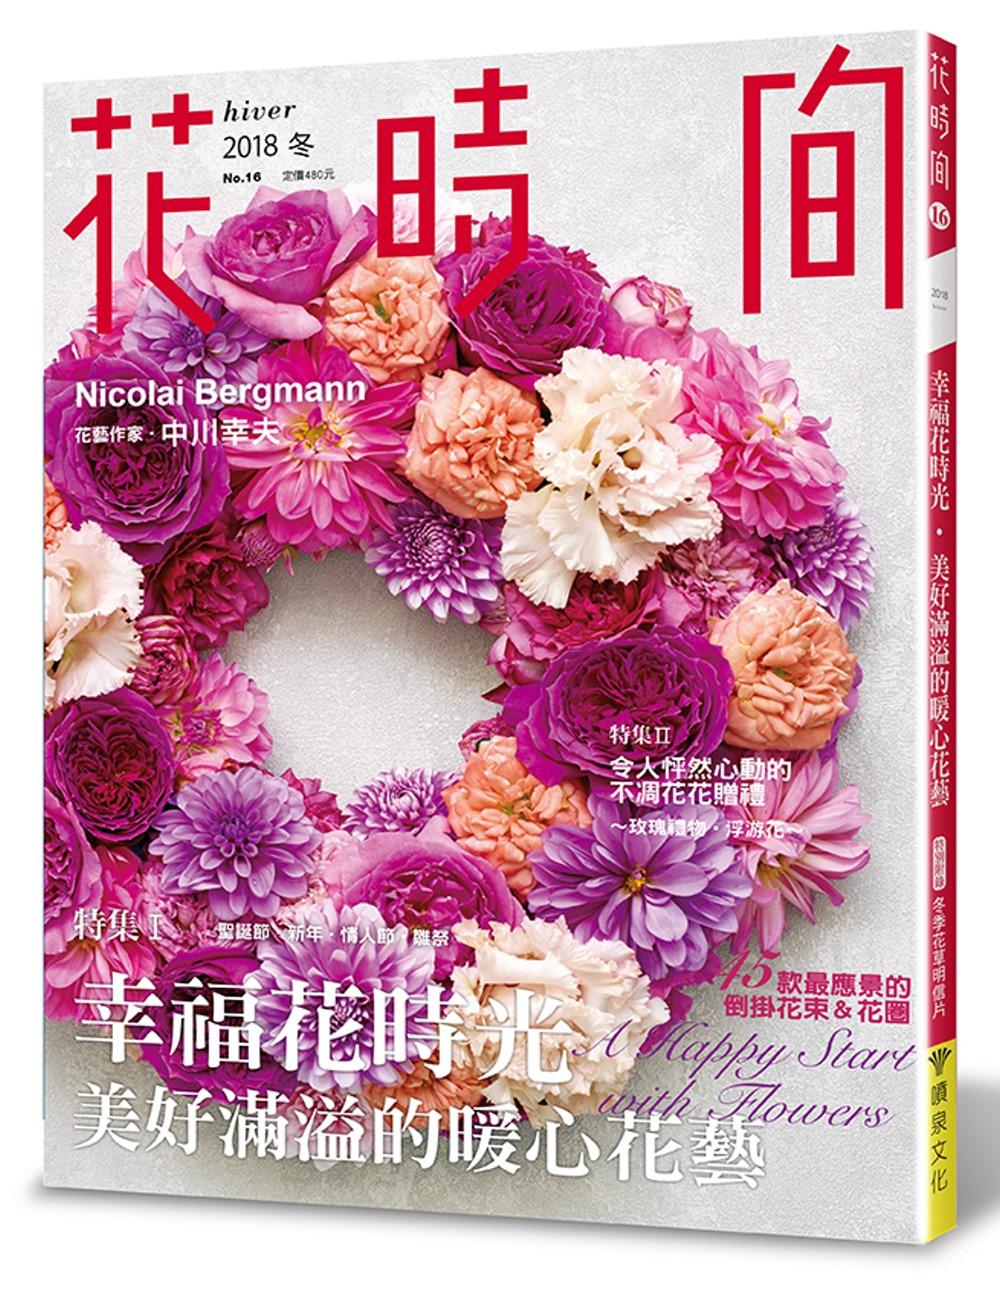 花時間16:幸福花時光‧美好滿溢的暖心花藝